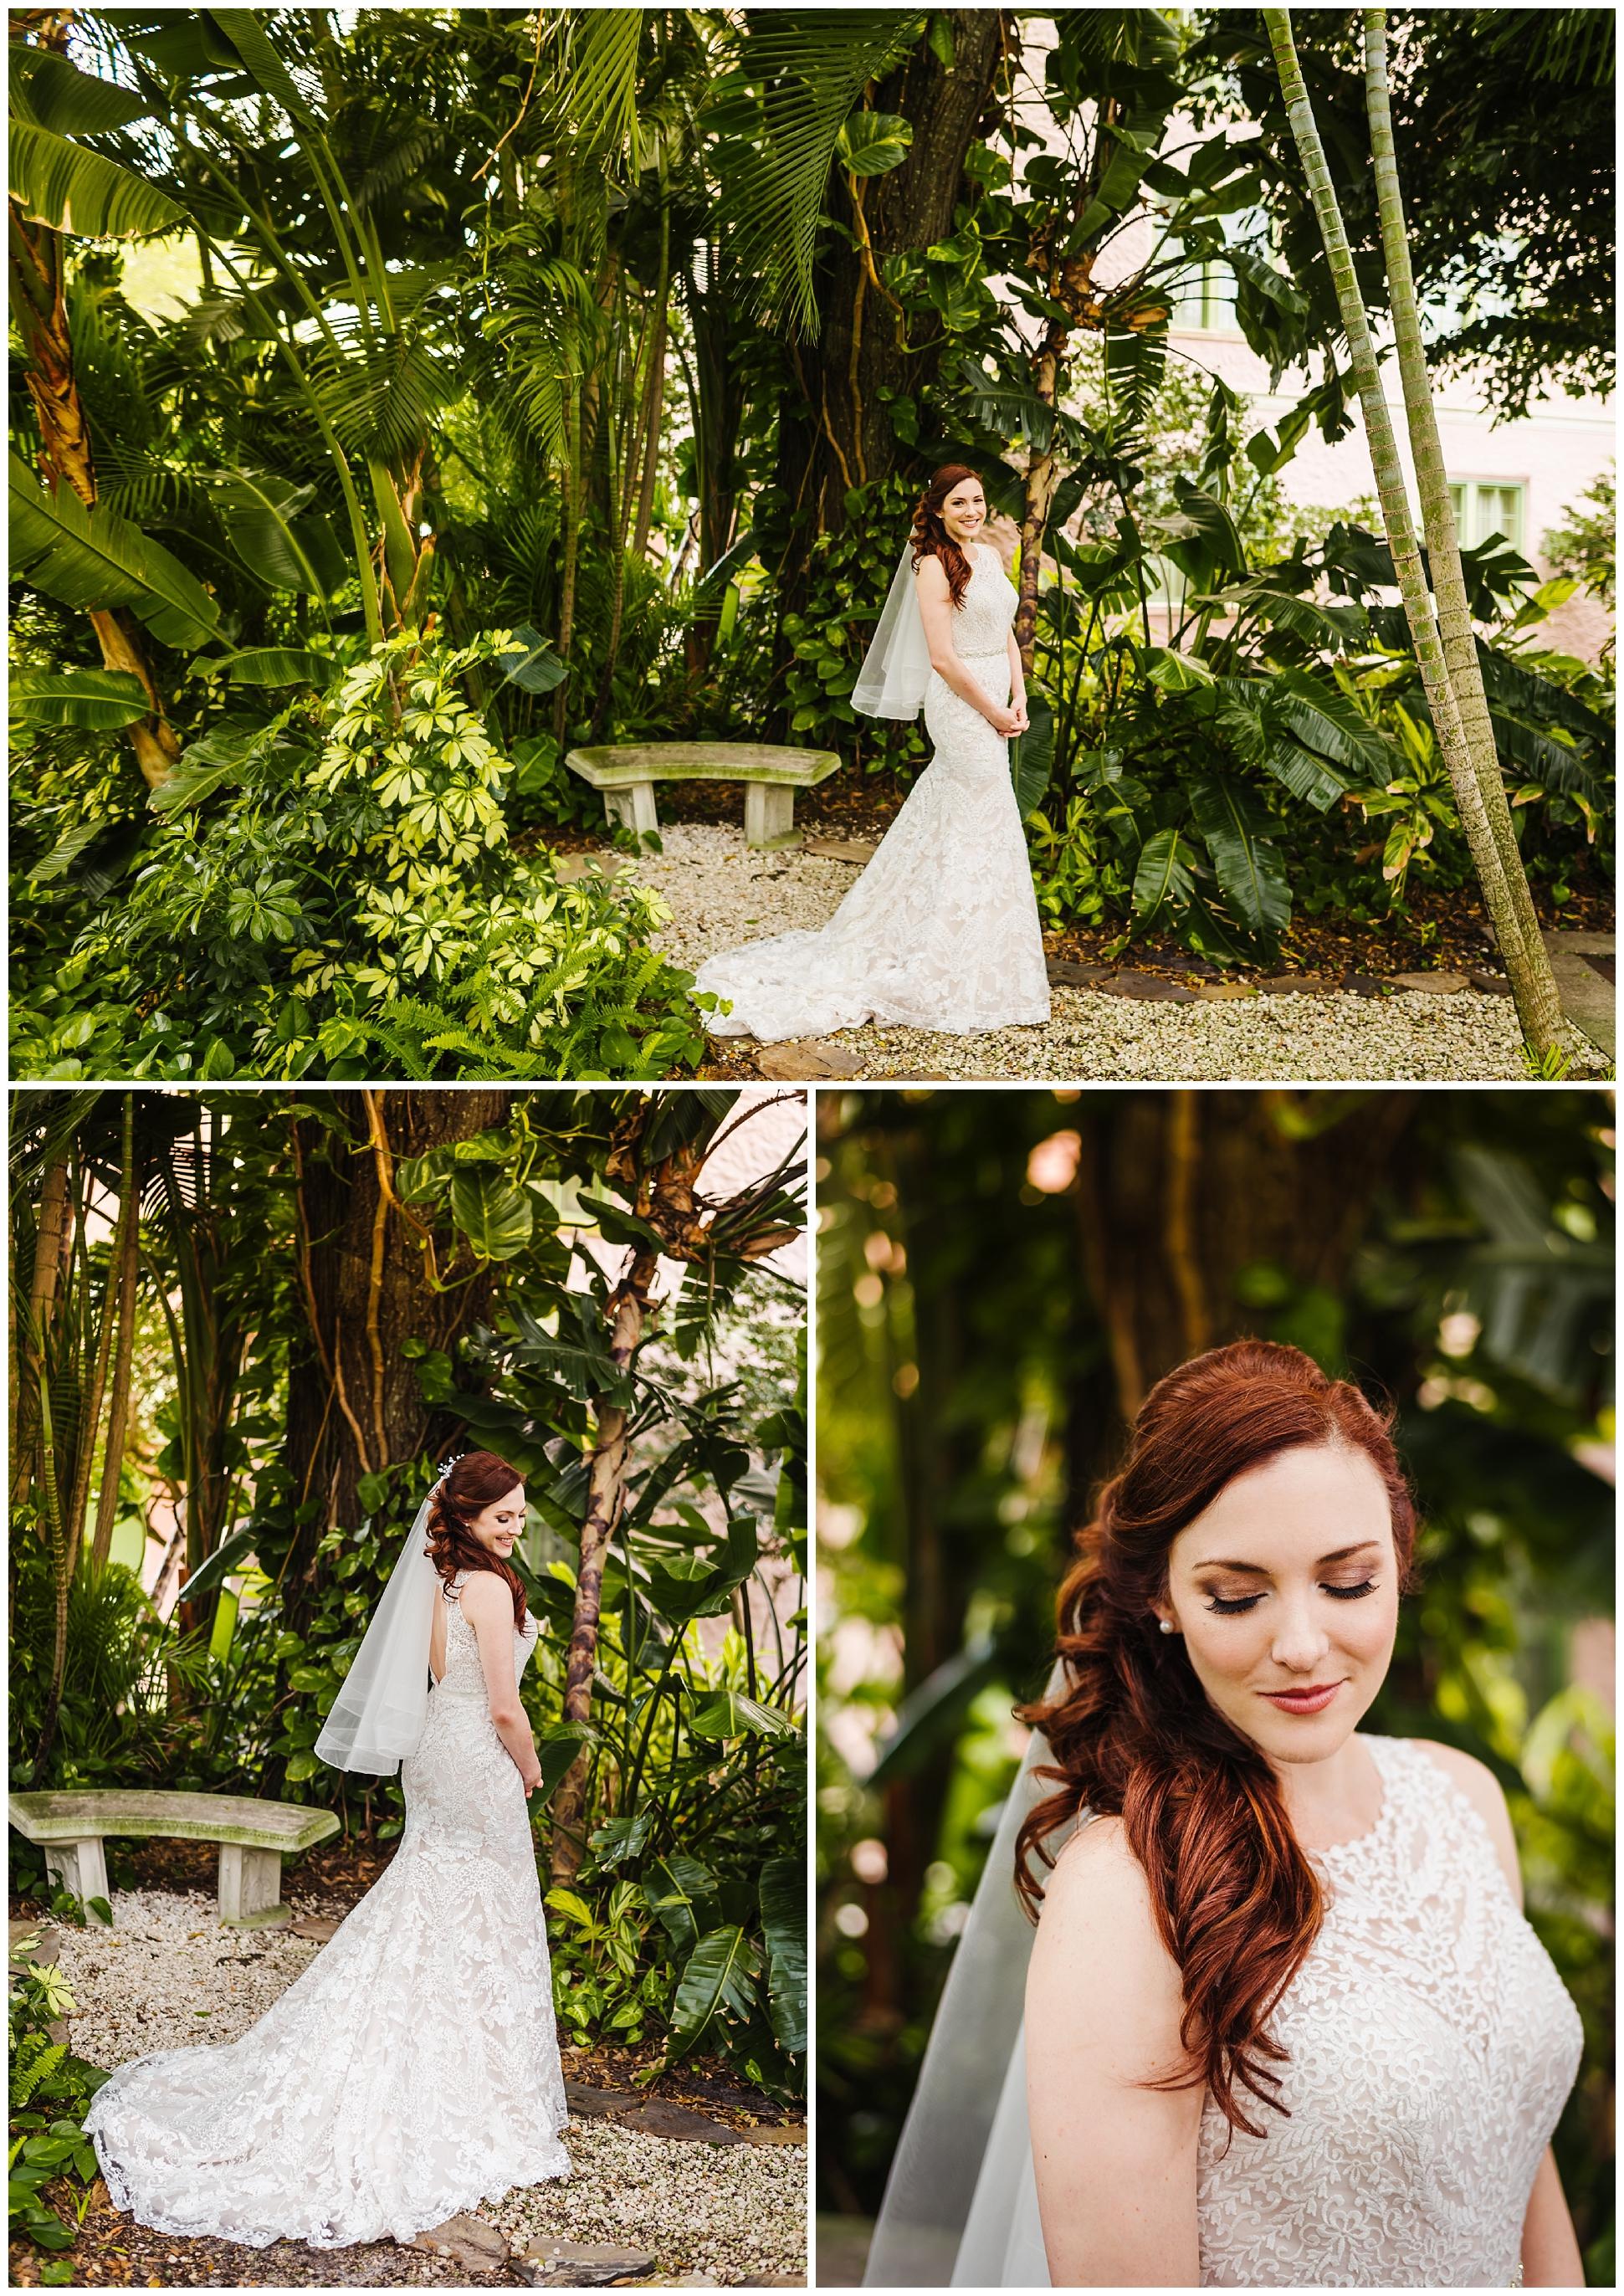 st-pete-wedding-photographer-nova-535-murals-downtown-lavendar_0009.jpg